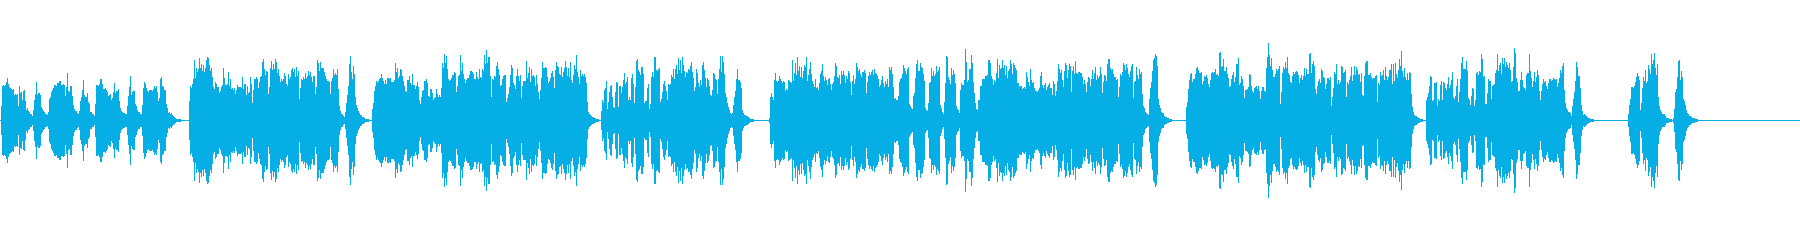 つまらない話をじっと聴くような曲の再生済みの波形